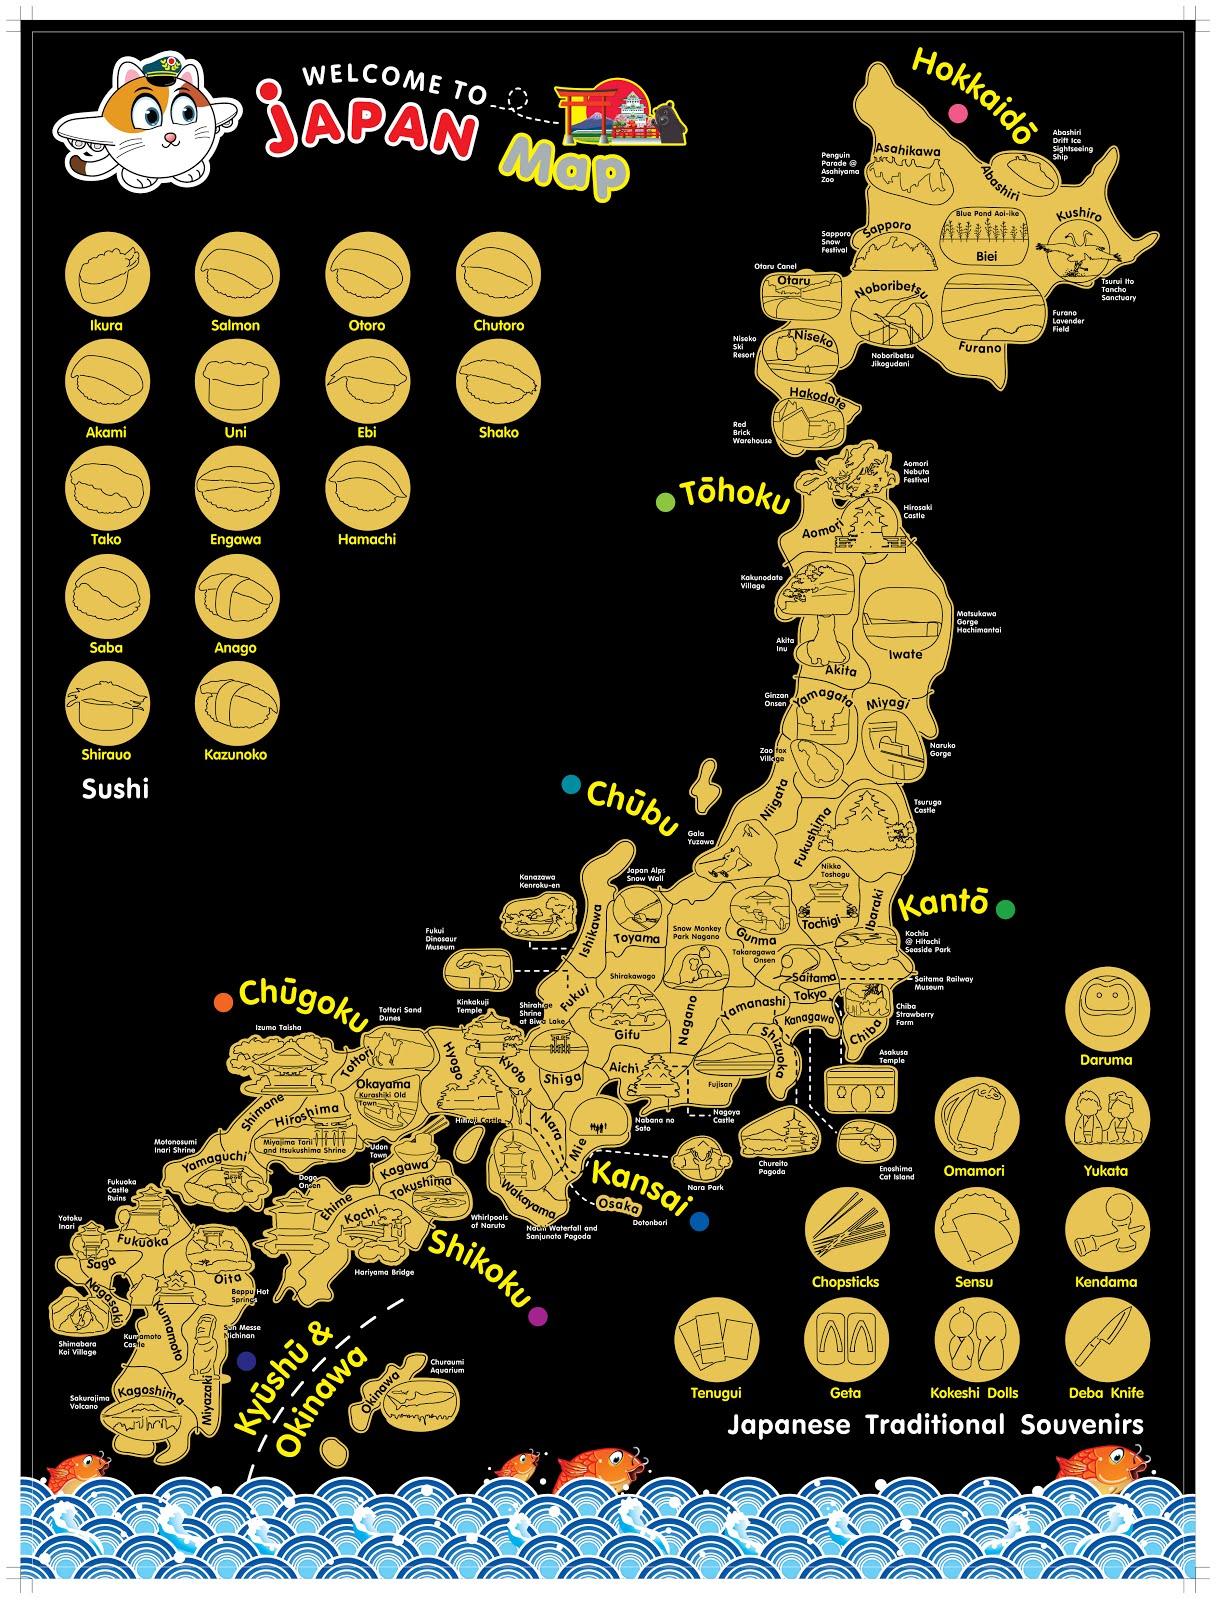 แผนที่ตัวขูดญี่ปุ่น (Japan Scratch Map)